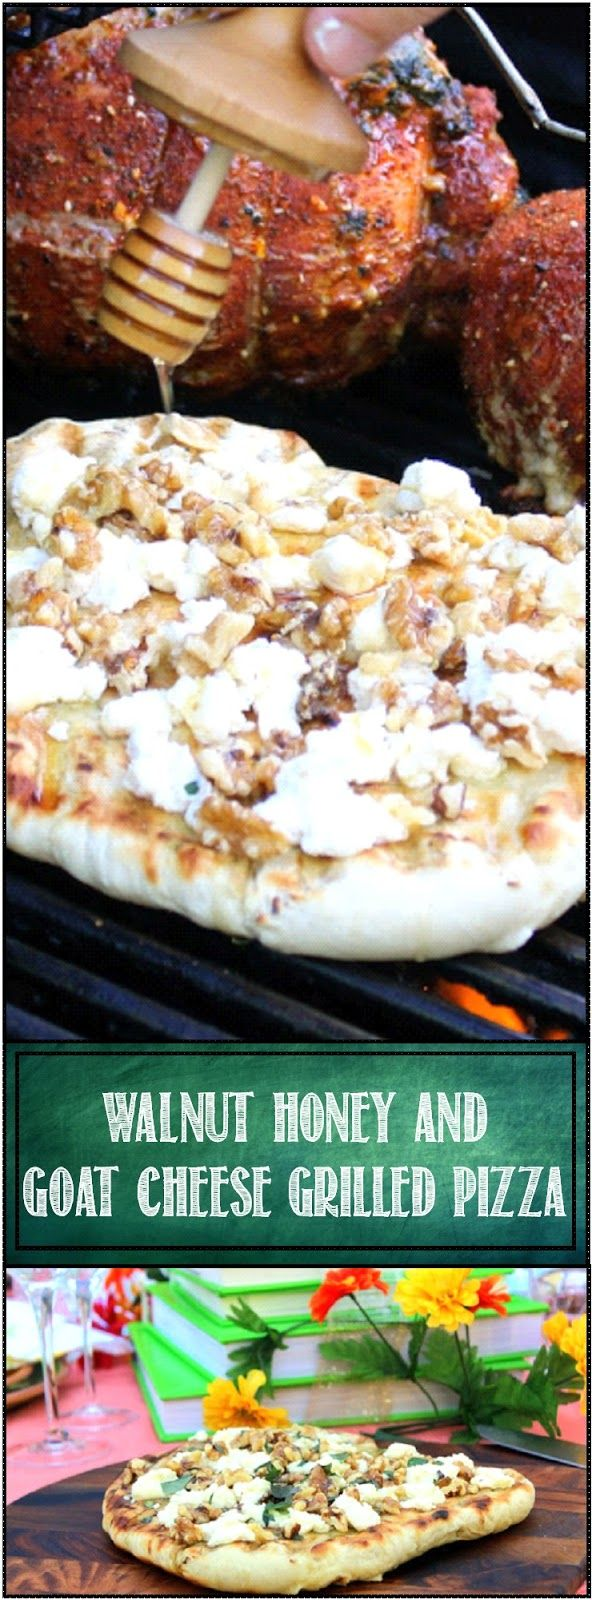 die besten 25 pizza zitaten ideen auf pinterest pizza meme pizza puns und lustige pizza zitate. Black Bedroom Furniture Sets. Home Design Ideas